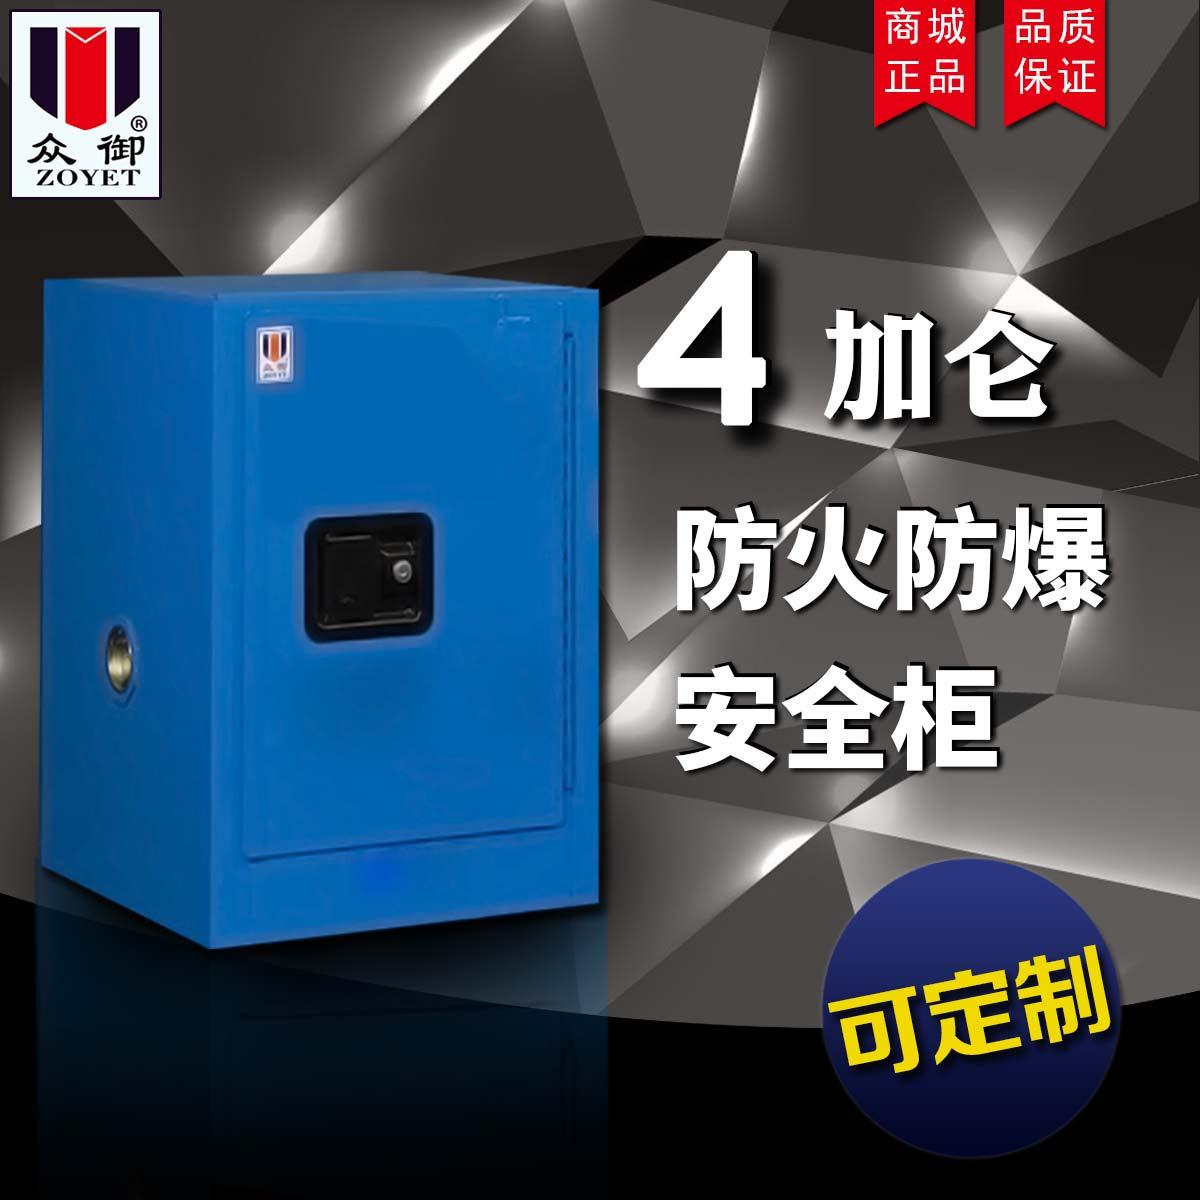 4加仑 弱腐蚀性液体防火安全柜